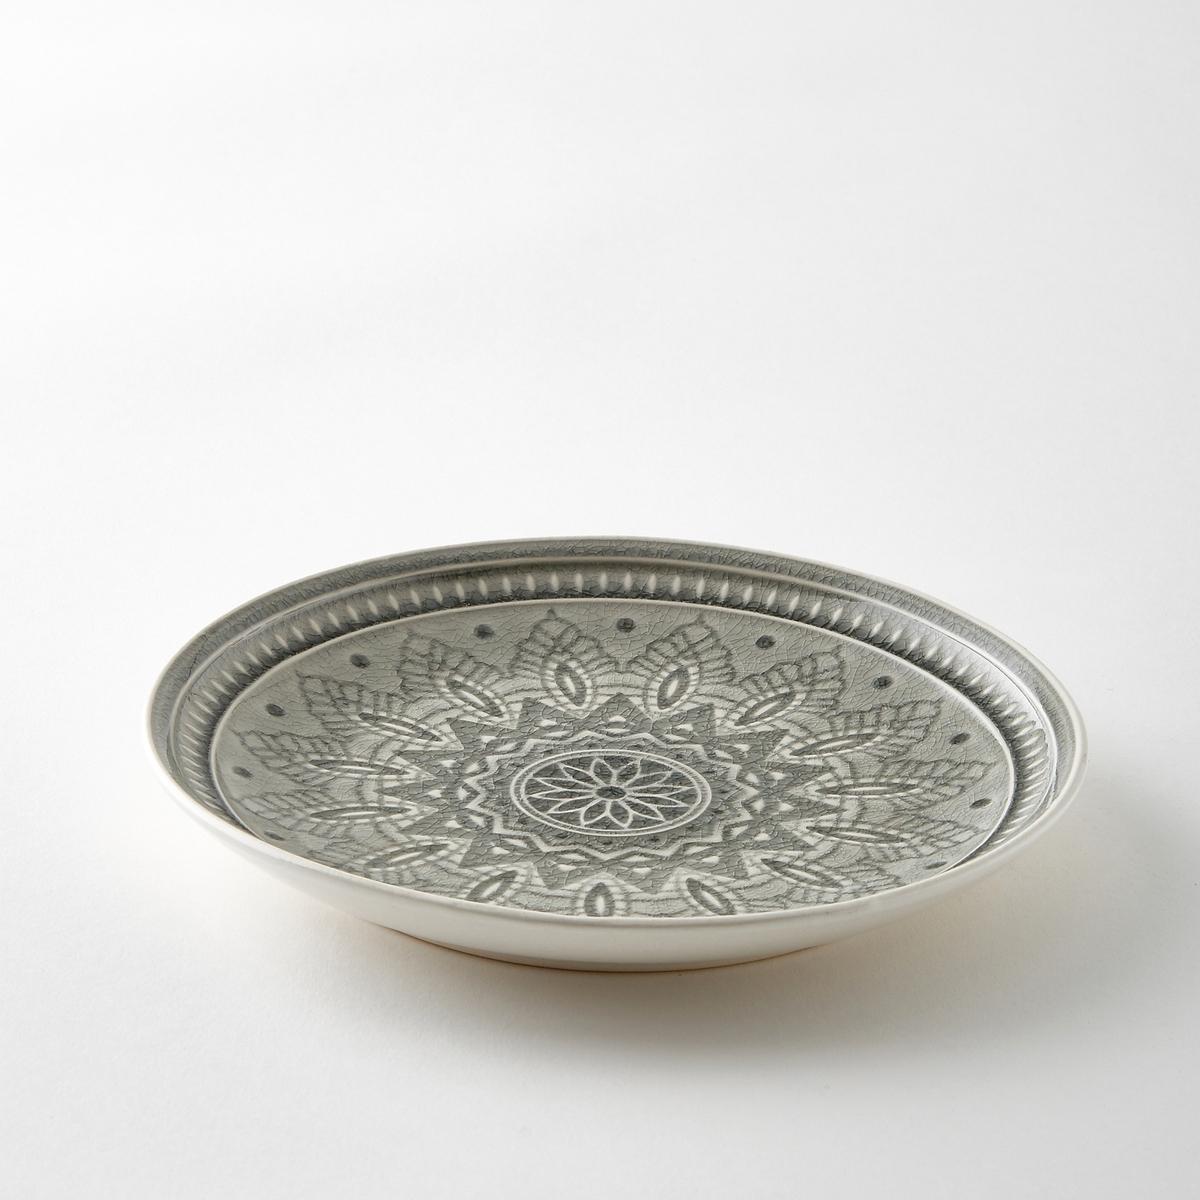 Комплект из 4 тарелок из керамики Nicolosi4 десертных тарелки Nicolosi. Из керамики с трещинами глазури. Рельефный рисунок. Подходит для посудомоечных машин. Размеры : диаметр 20,5 x высота 2,5 см.<br><br>Цвет: серый